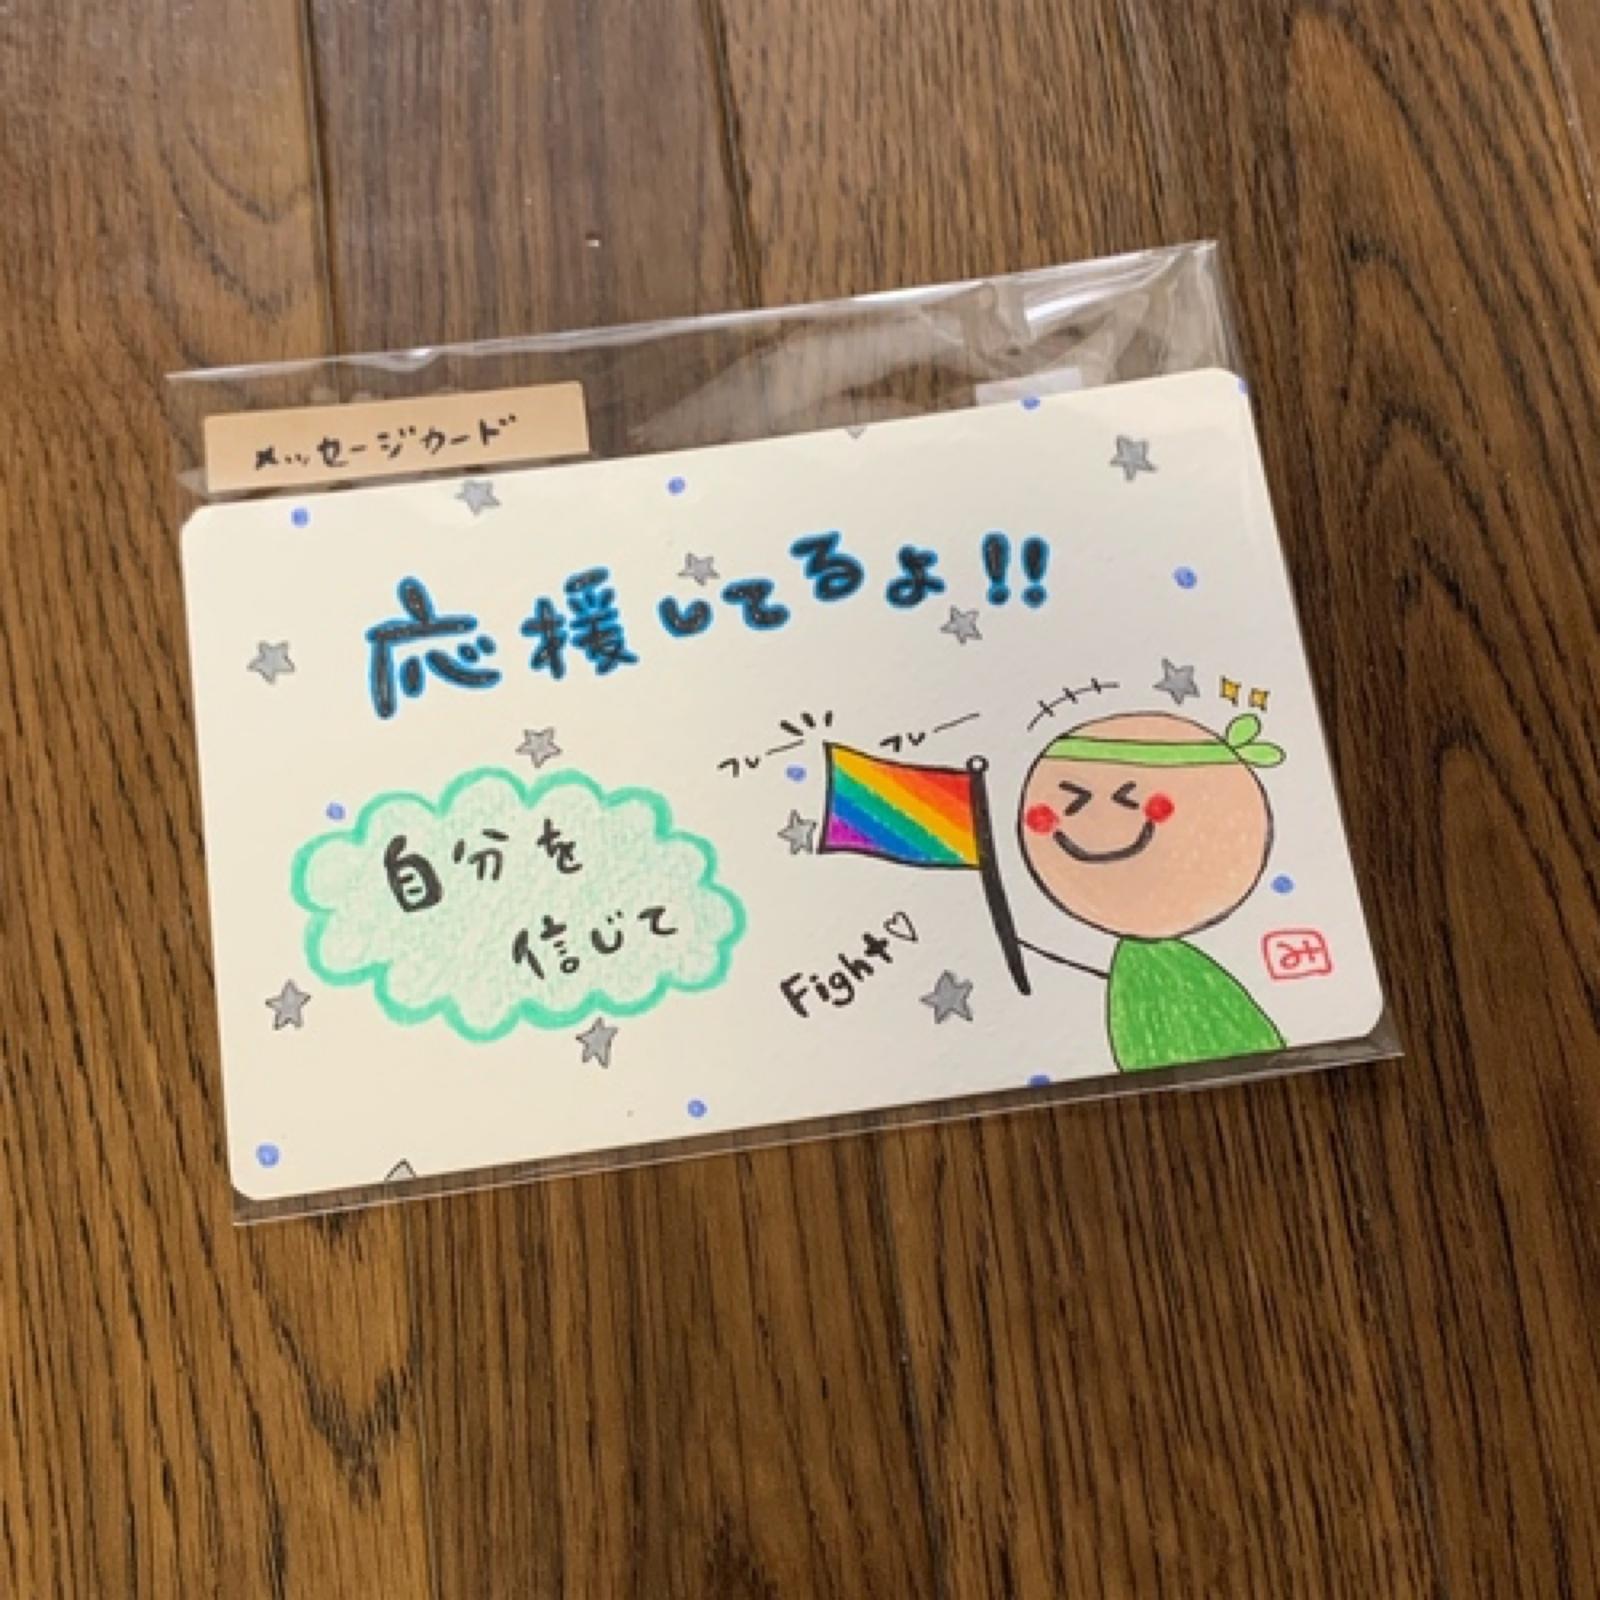 カード 手書き メッセージ 人気イラストレーター・カモさんが教える、素敵なメッセージカードを描くコツとは?|マナトピ